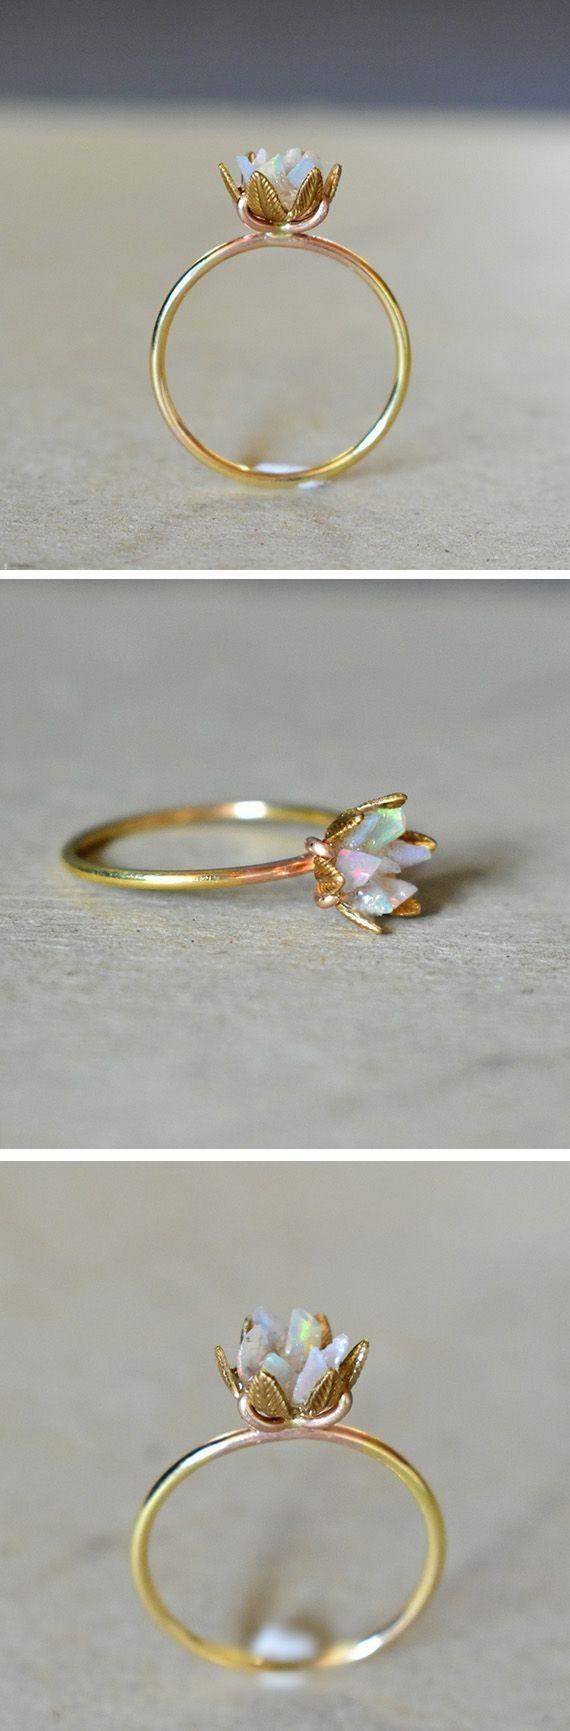 Stücke von rohem Opal ergänzen sich zu diesem schönen Lotusring